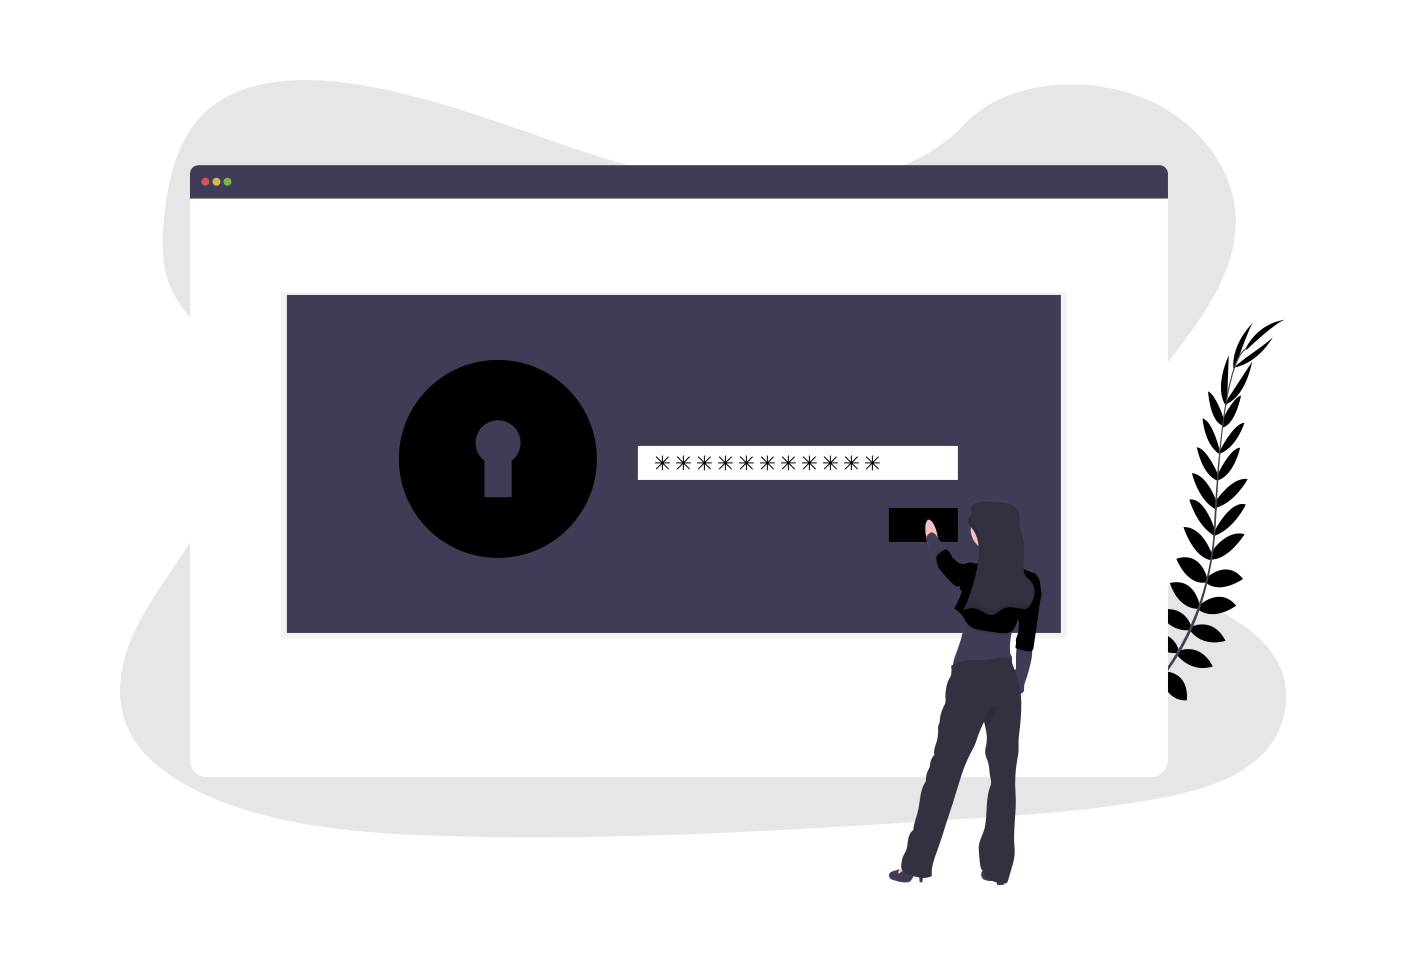 Multi user login & security